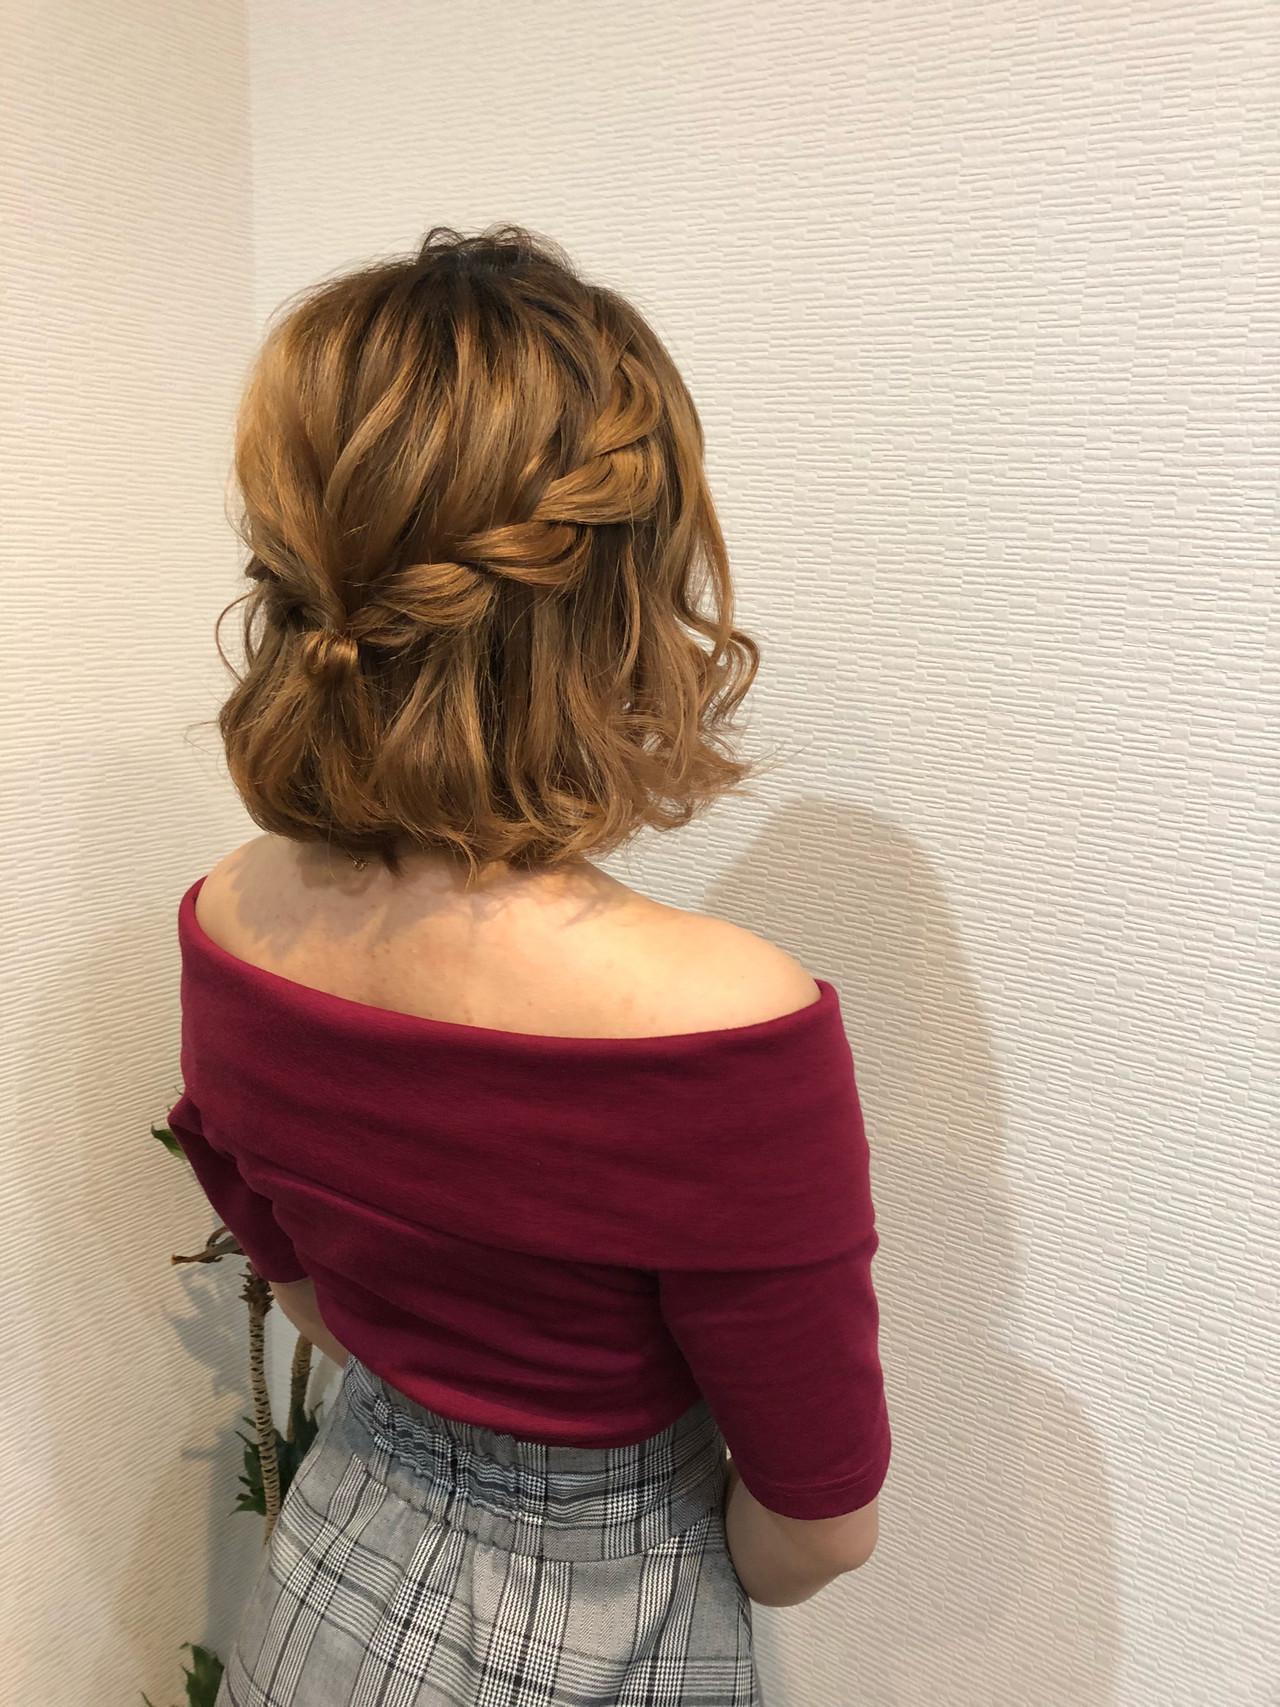 ボブ フェミニン 編み込み ボブアレンジ ヘアスタイルや髪型の写真・画像